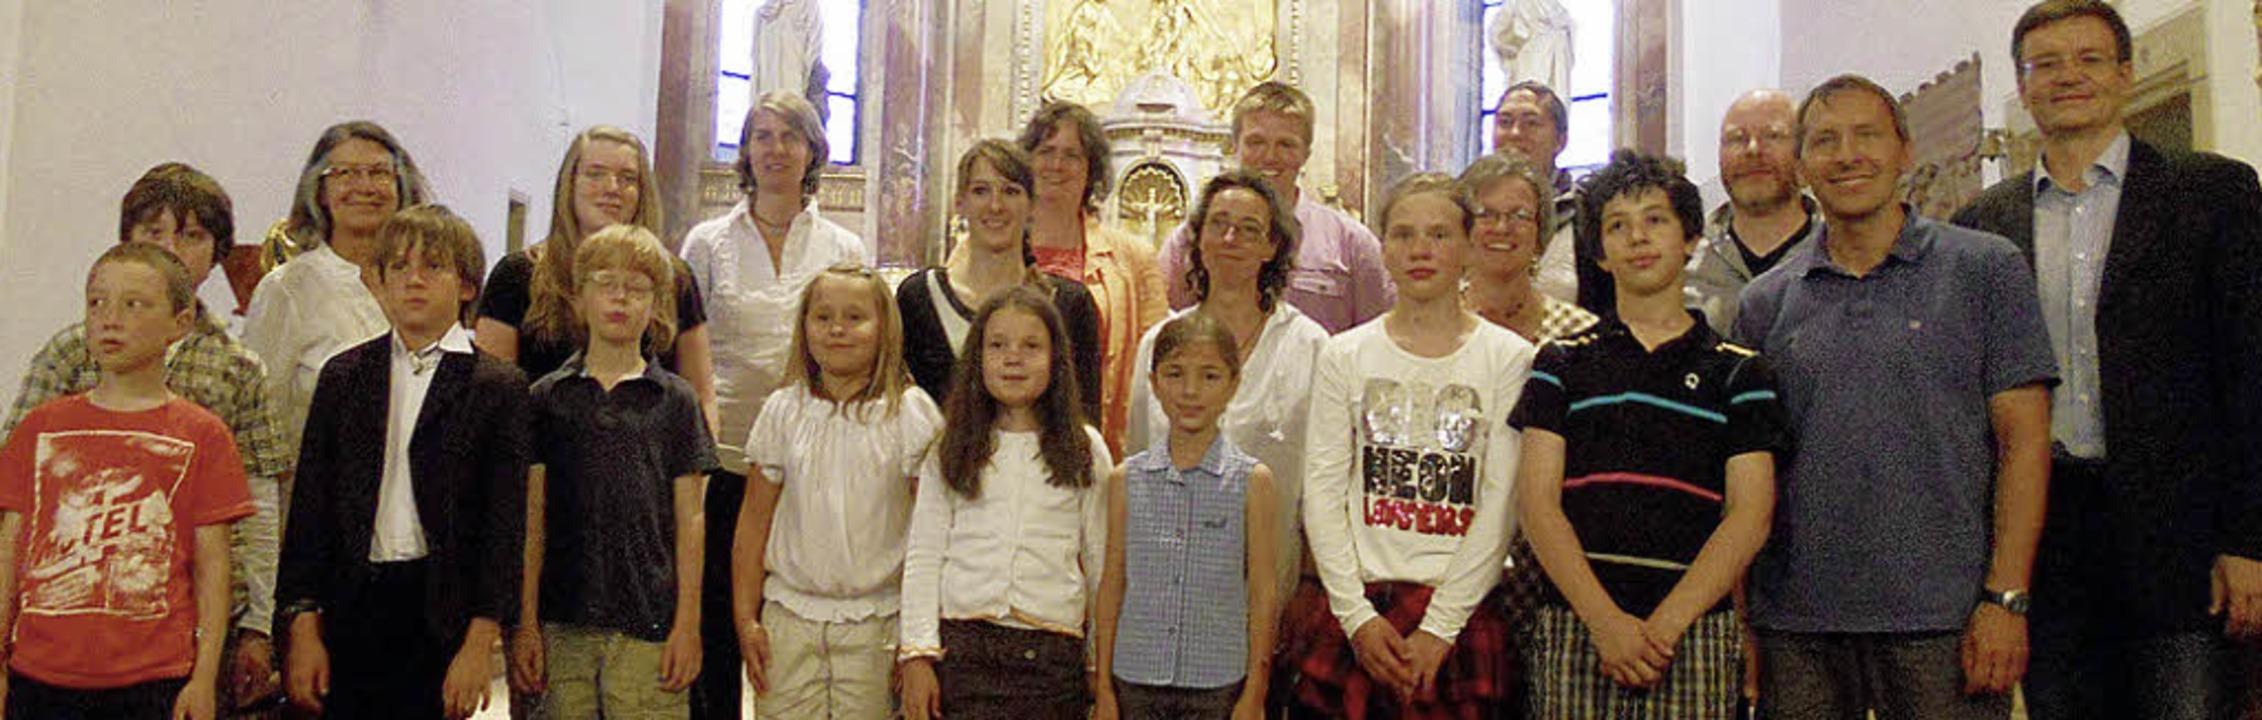 Erleichtert waren die Akteure nach dem...hen Zentrum in der St. Gallus-Kirche.   | Foto: Janine Brunner